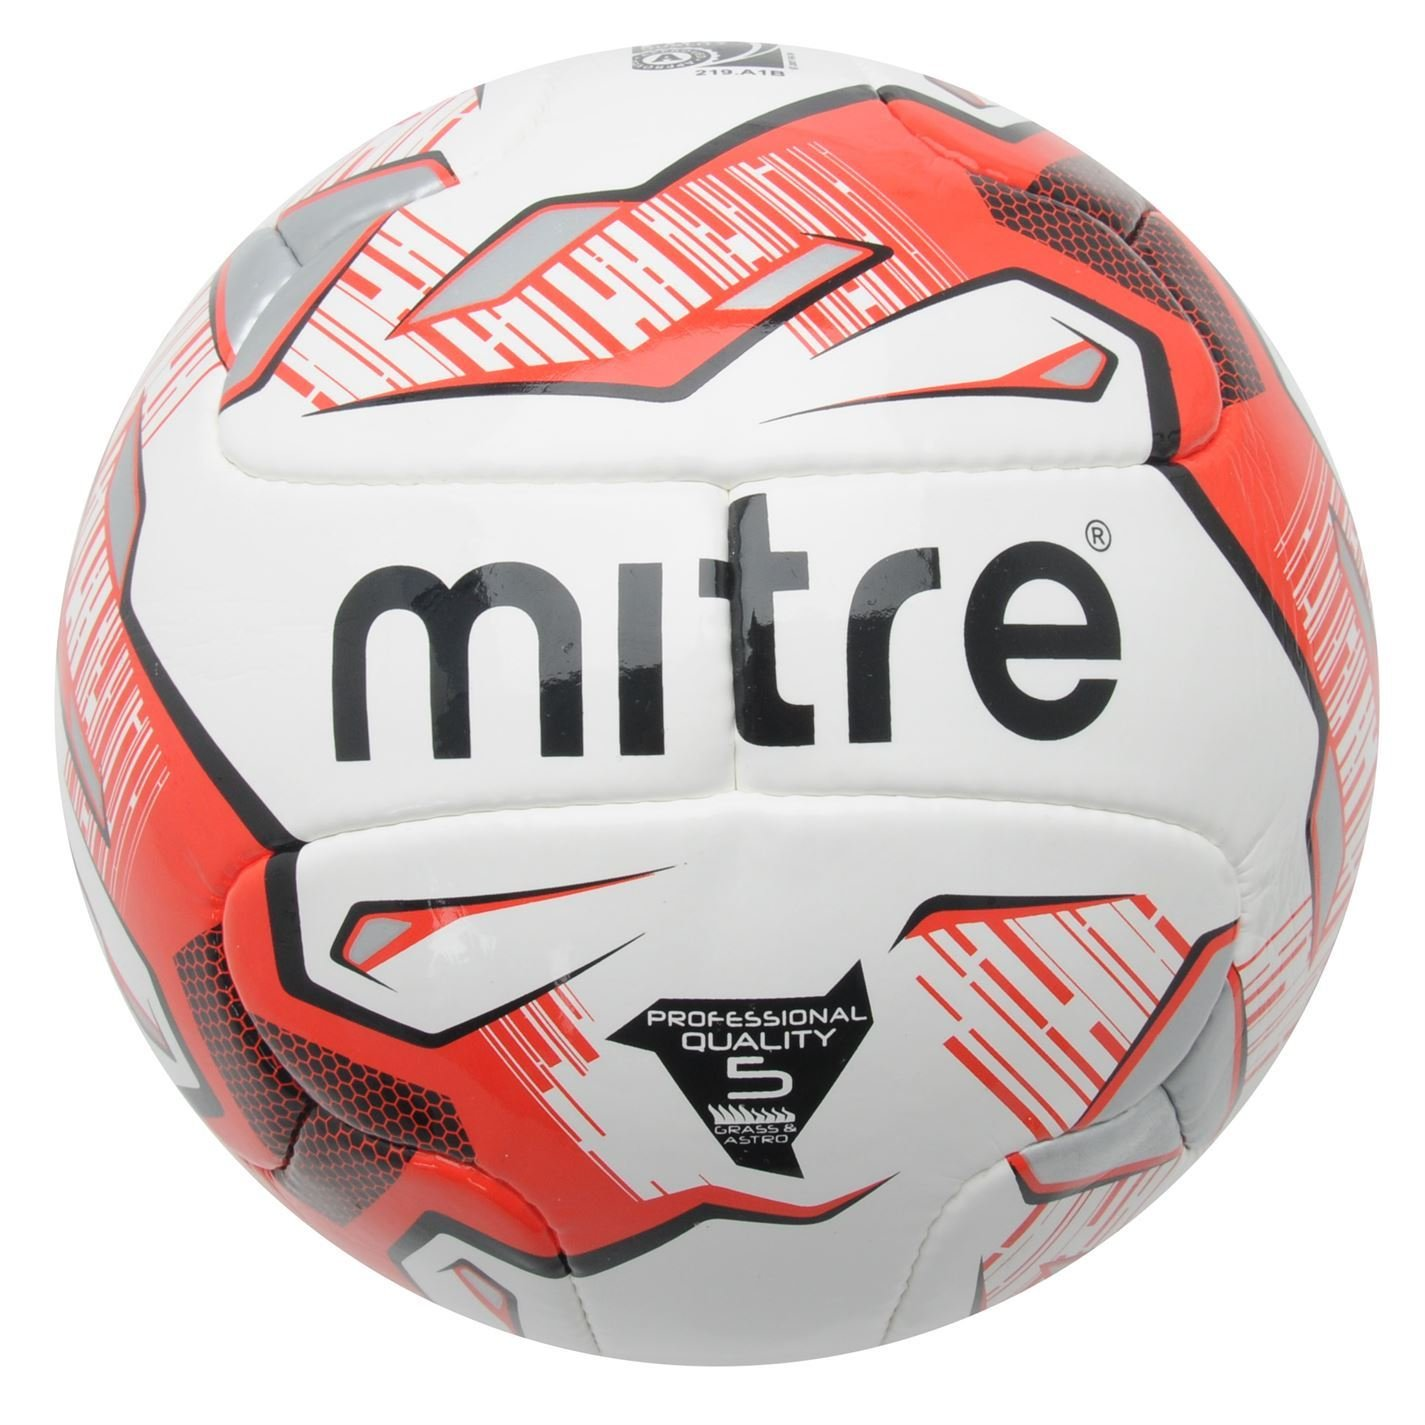 Mitre Max Blanco/Rojo/Negro De Fútbol Balón de fútbol Calidad ...